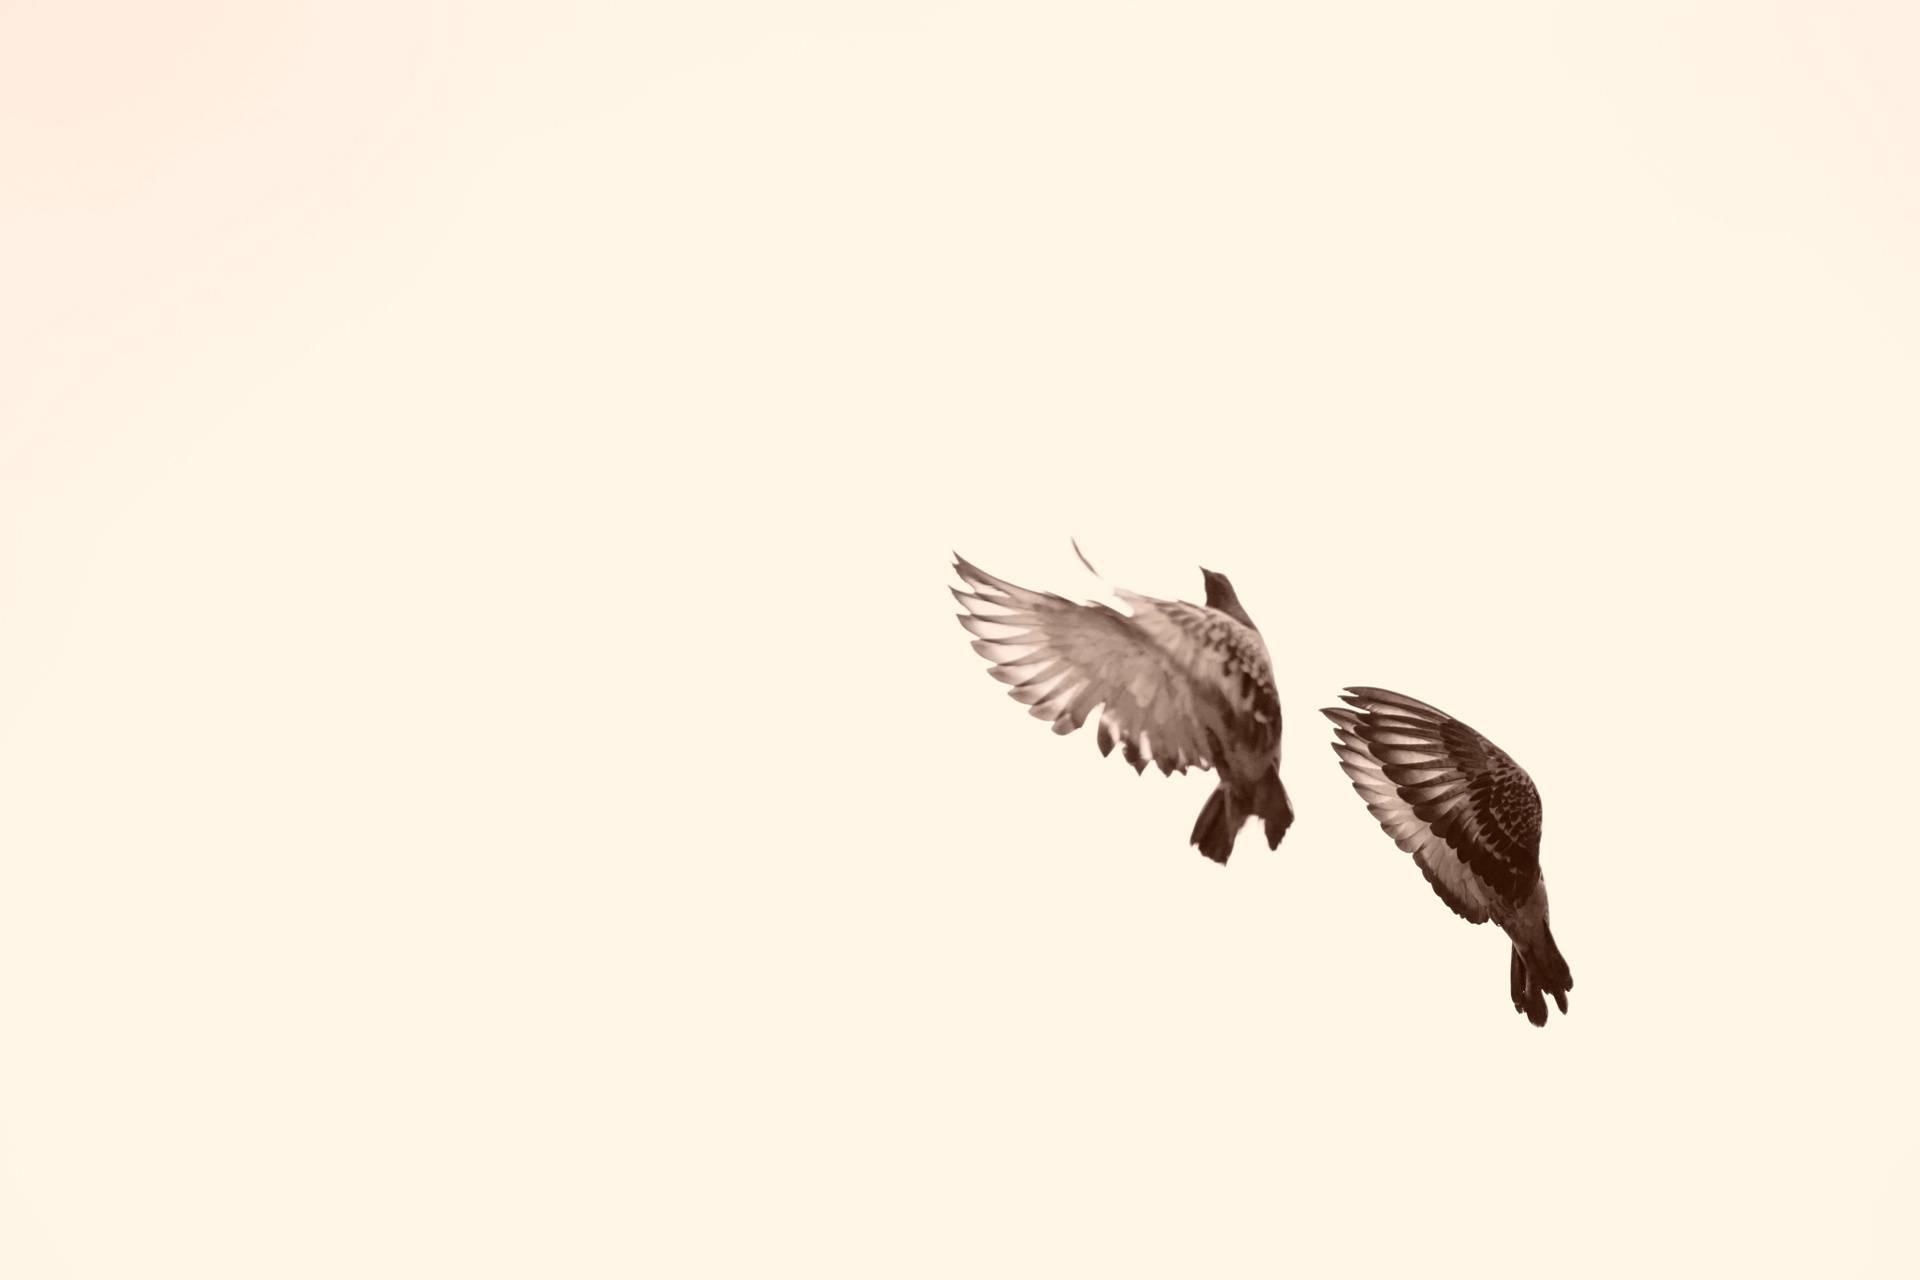 Flighting bird